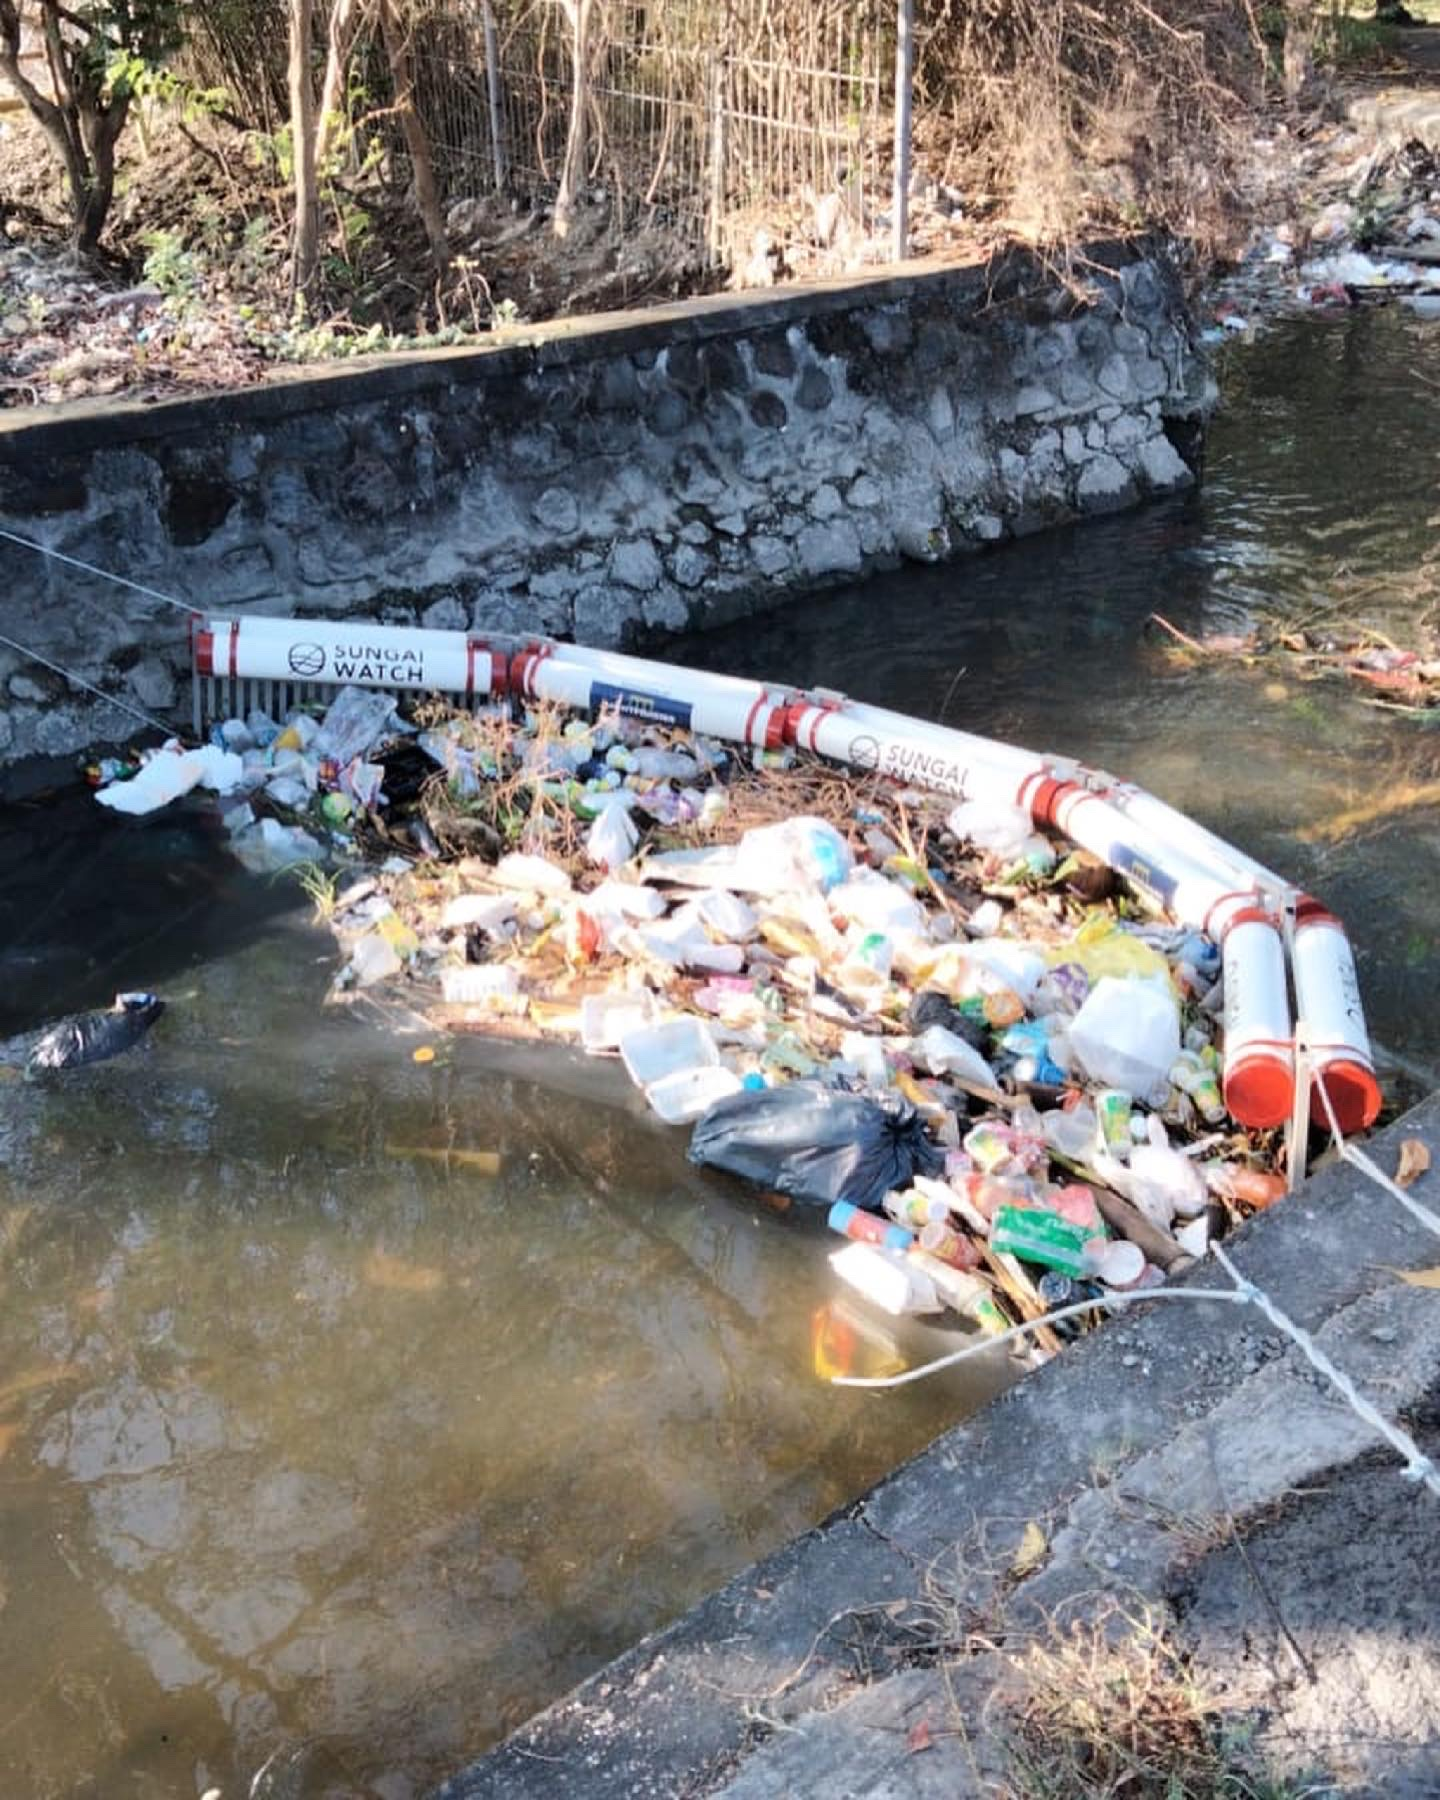 Montpensier Finance soutient Sungai Watch dans sa lutte contre la pollution plastique à Bali